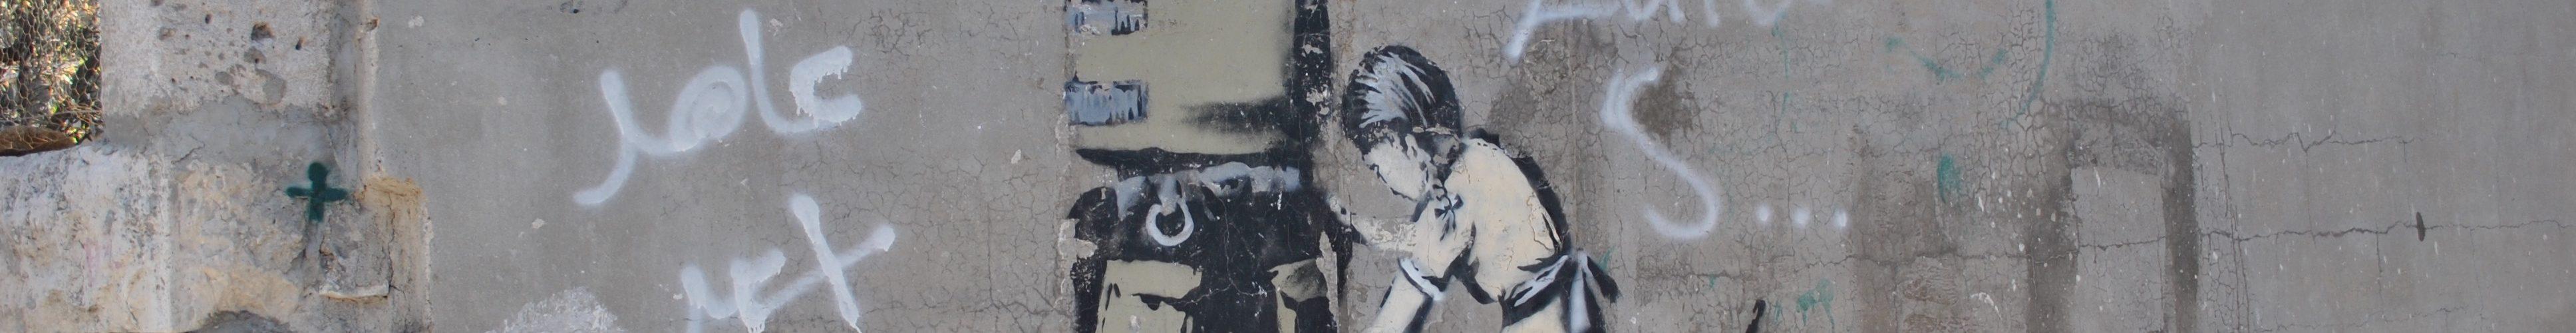 Målning av en flicka som muddrar en israelisk soldat